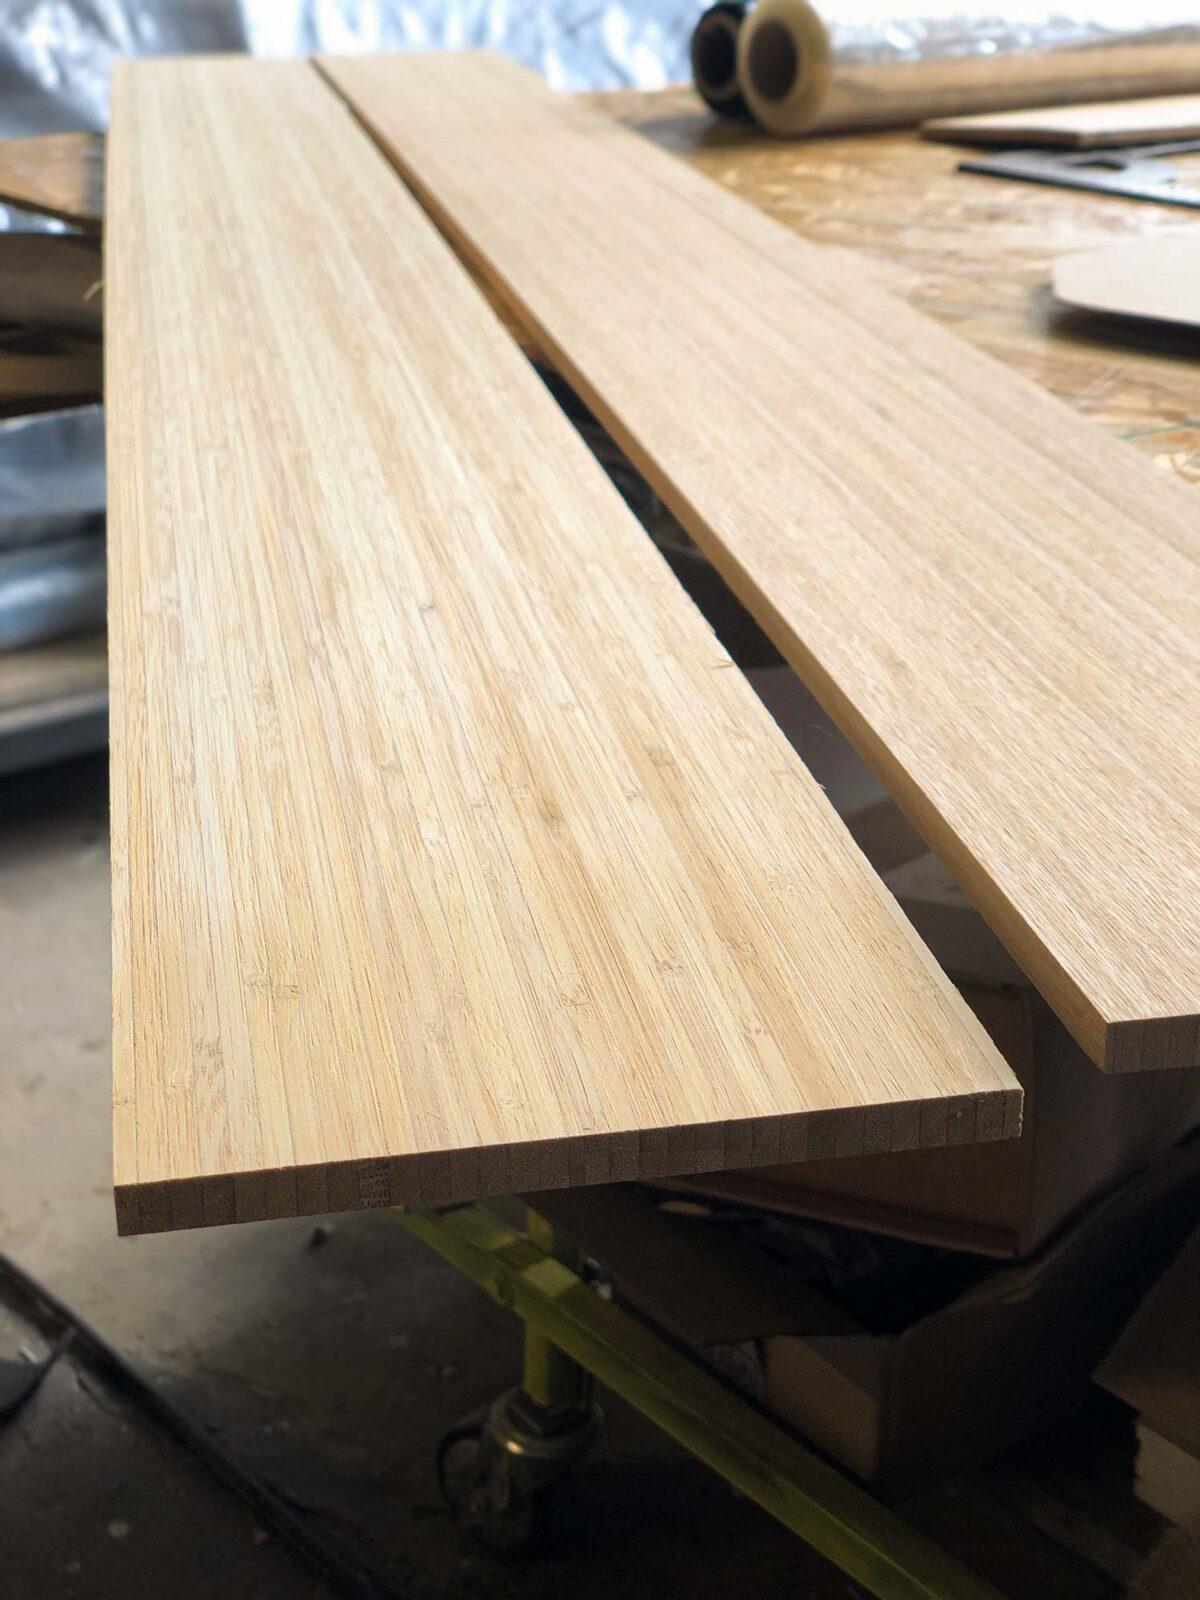 Noyau bamboo skis